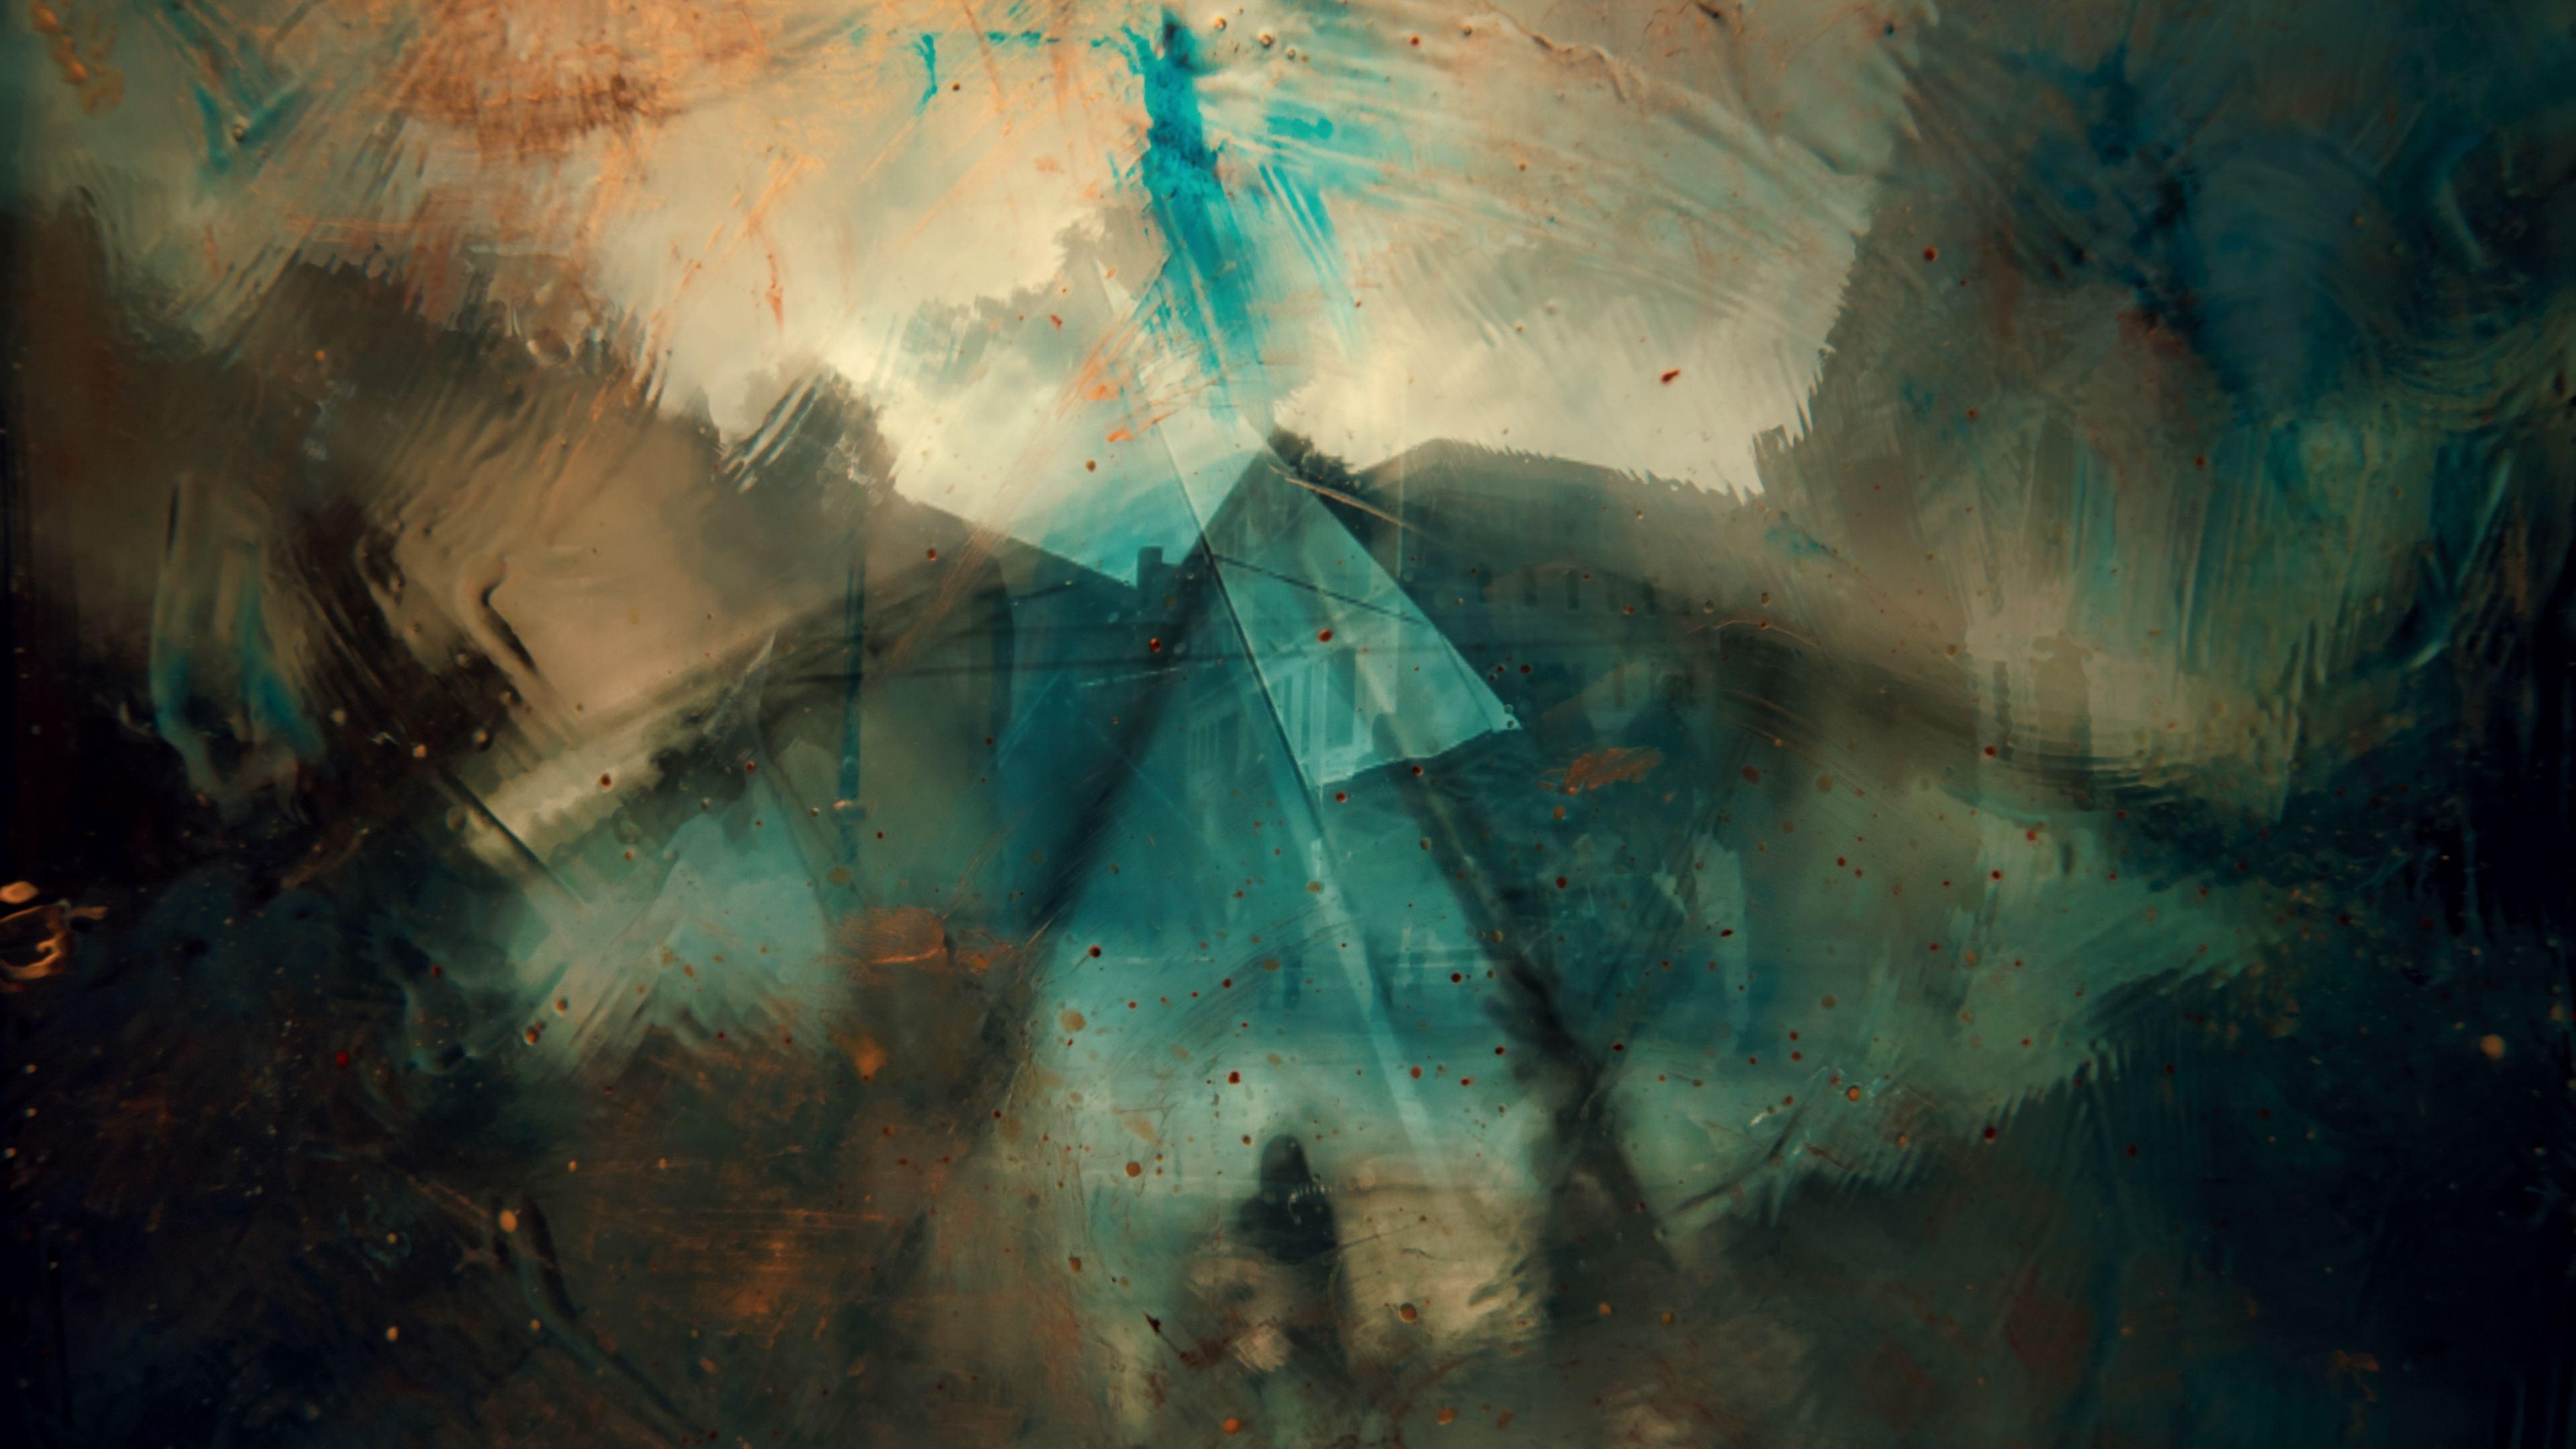 abstract urban pyramid 4k 1555208107 - Abstract Urban Pyramid 4k - hd-wallpapers, abstract wallpapers, 5k wallpapers, 4k-wallpapers